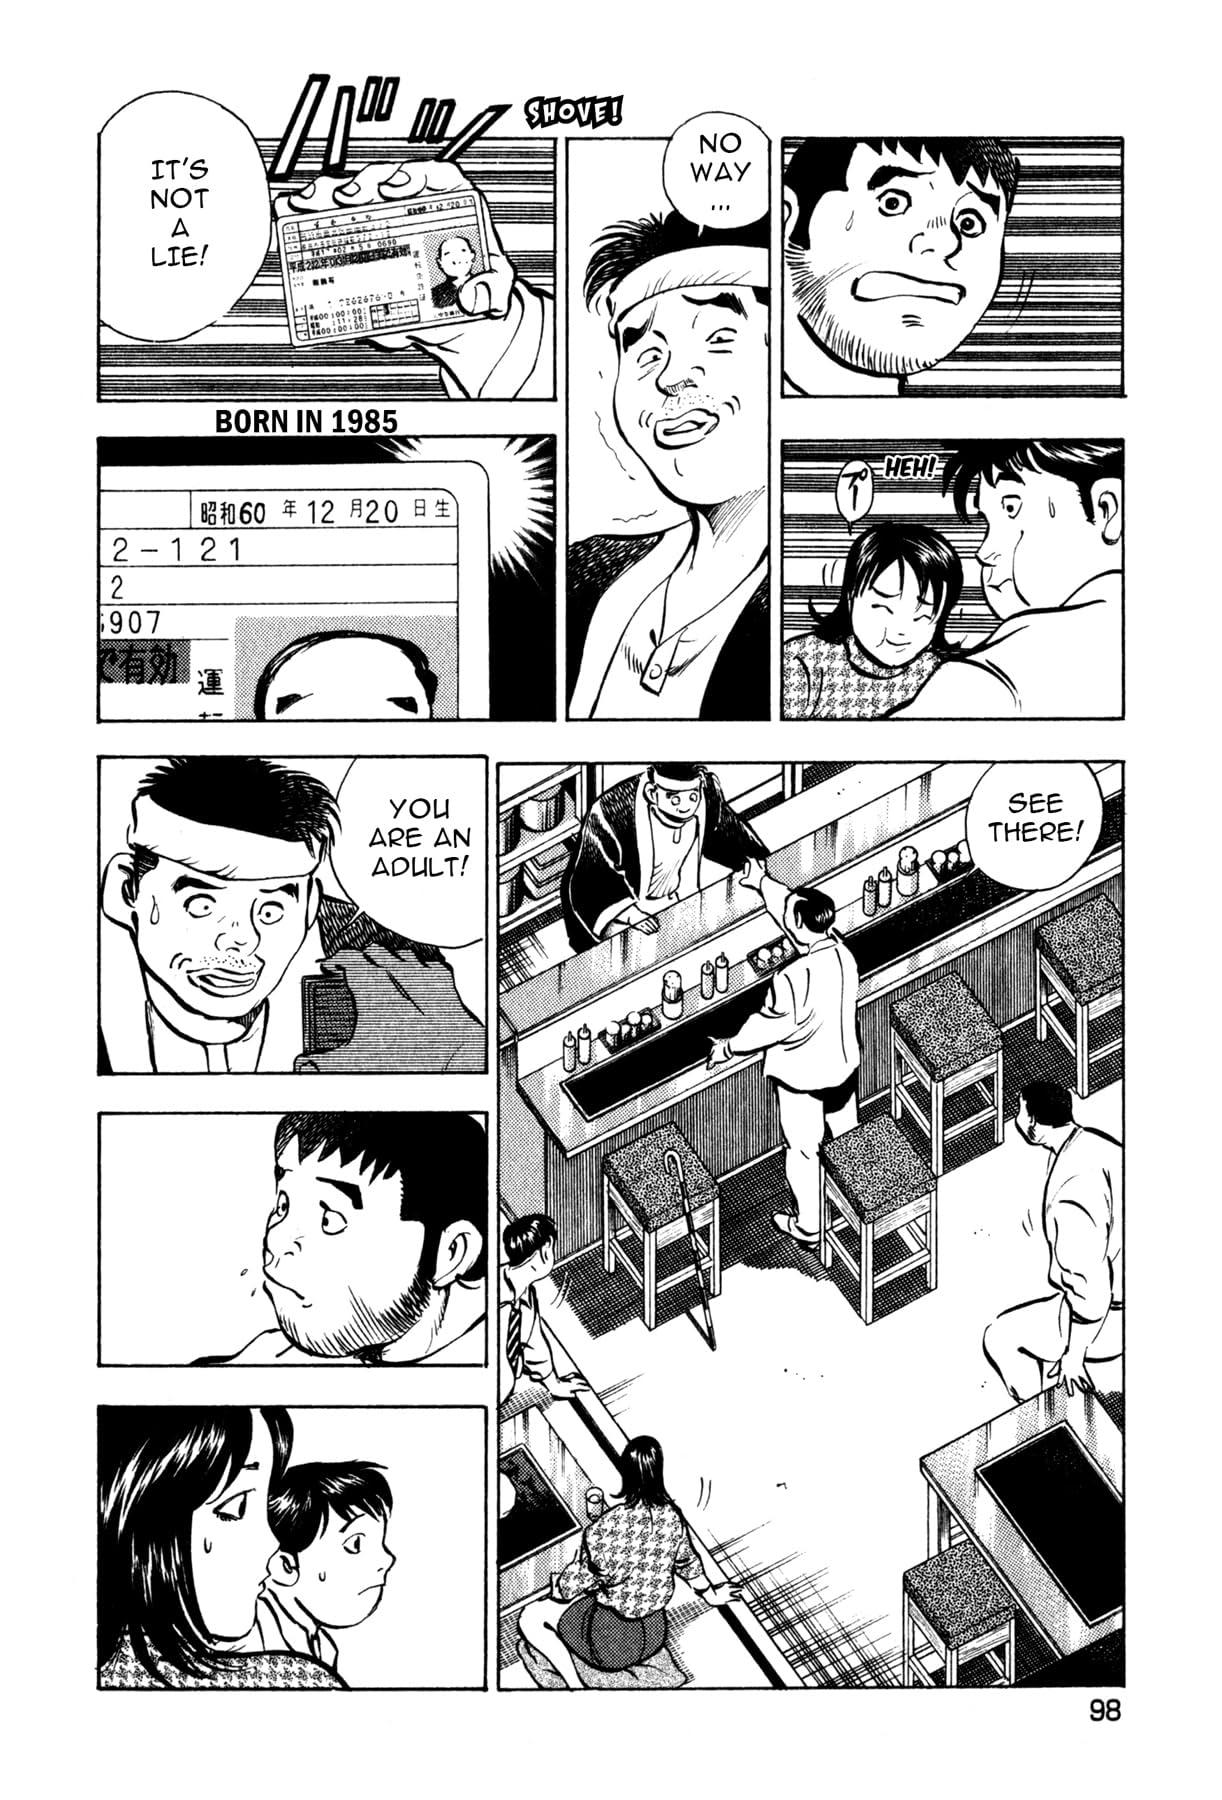 Kuishinbo! #69